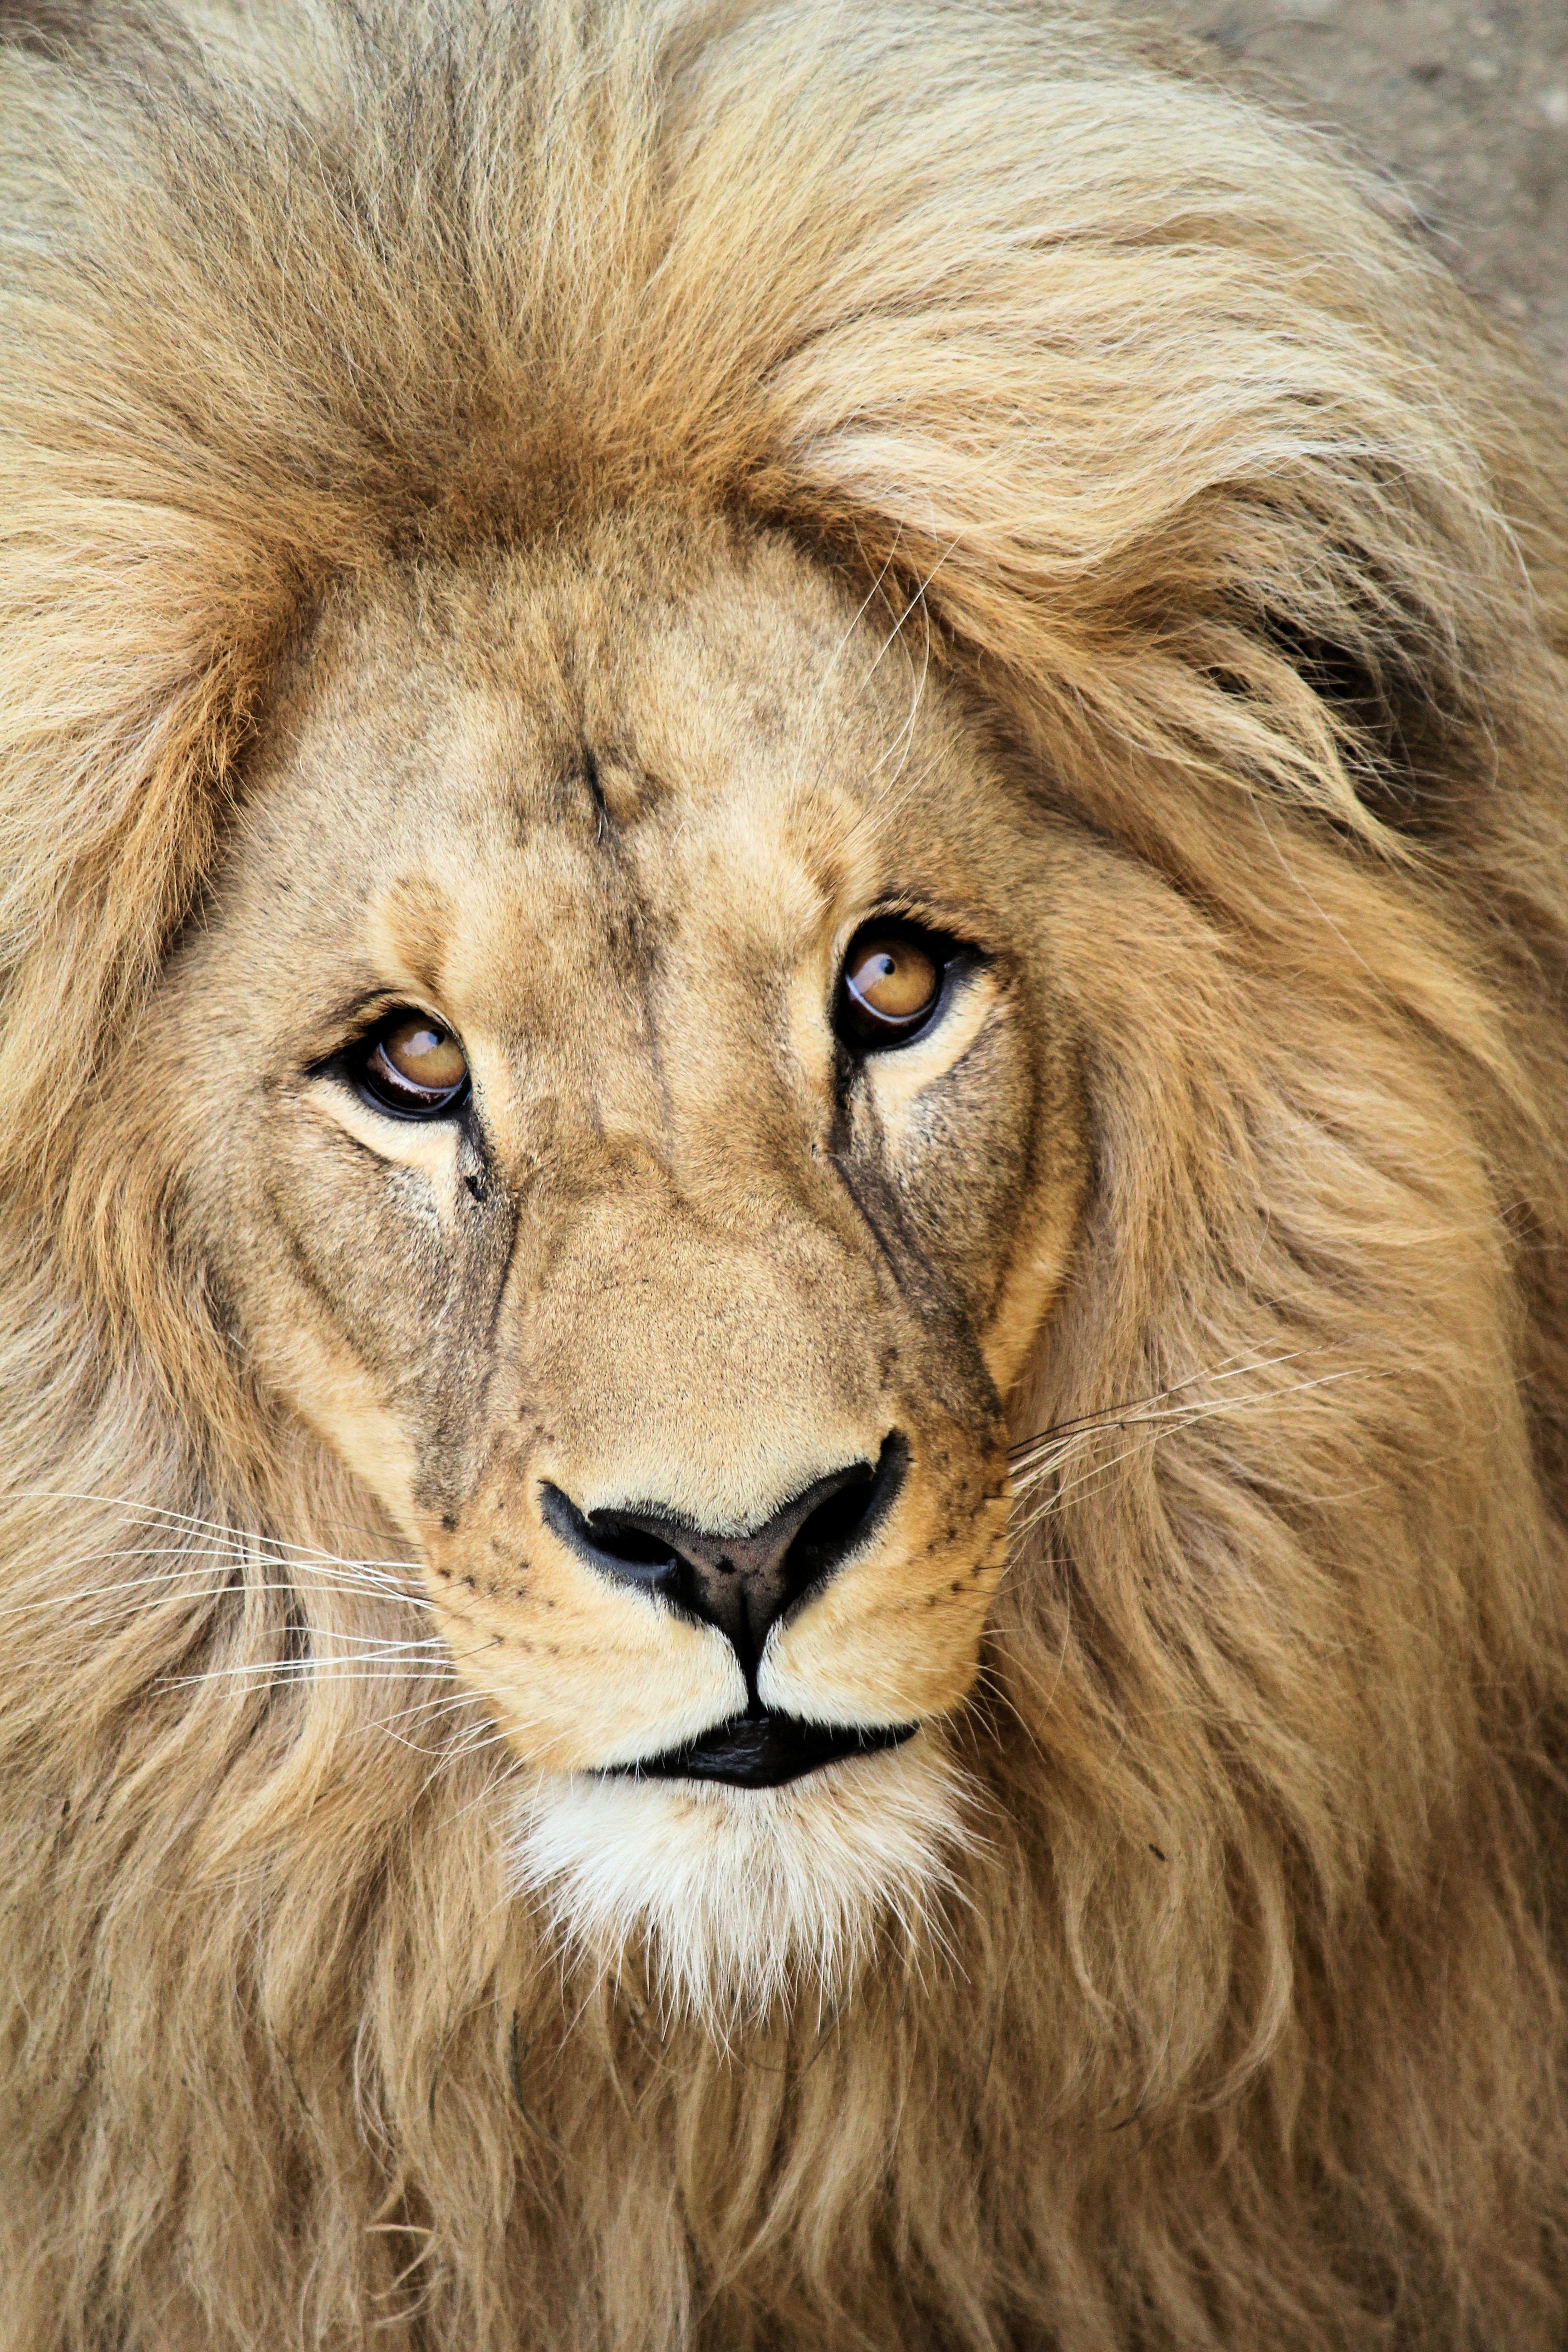 92794 Protetores de tela e papéis de parede Rei Das Feras em seu telefone. Baixe Animais, Leão, Focinho, Um Leão, Predator, Predador, Juba, Rei Das Feras, Rei Das Bestas, Rei fotos gratuitamente